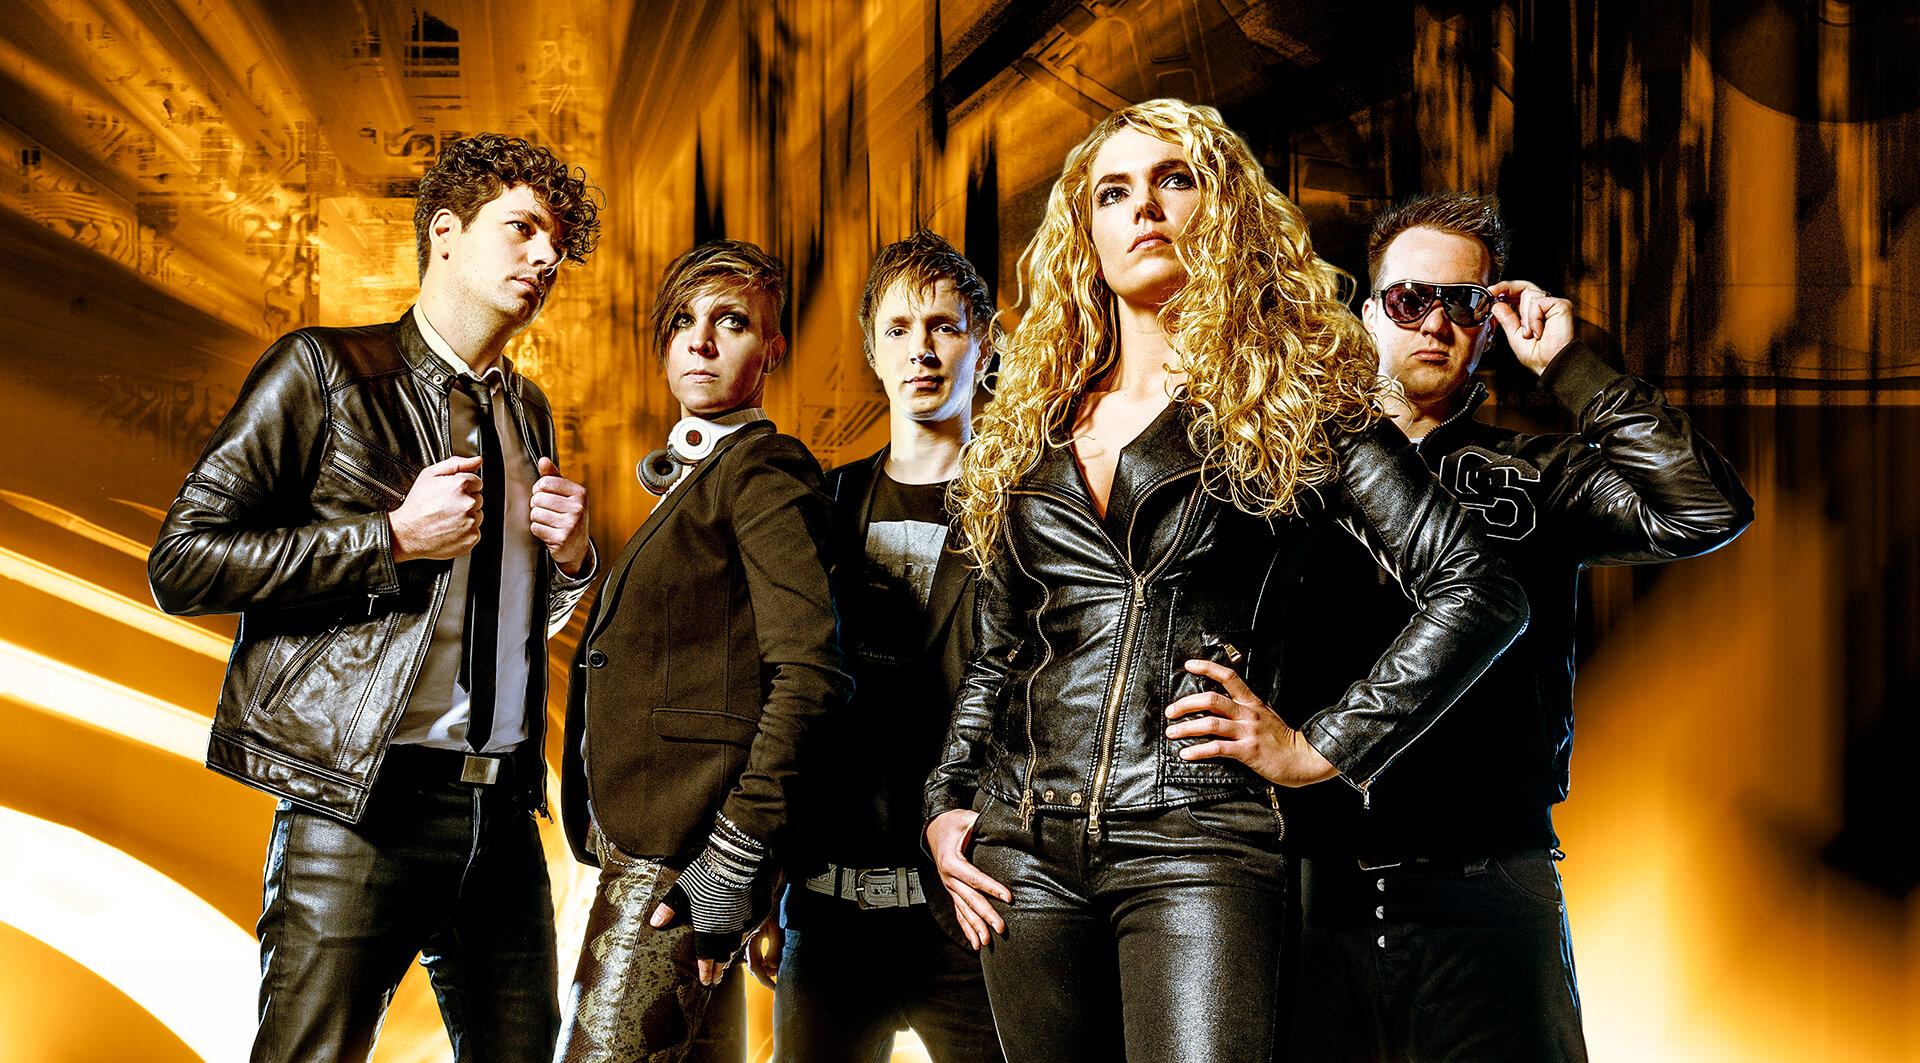 Q5 New Style band coverband muziek performers licht oranje muzikanten leer zwart persfoto